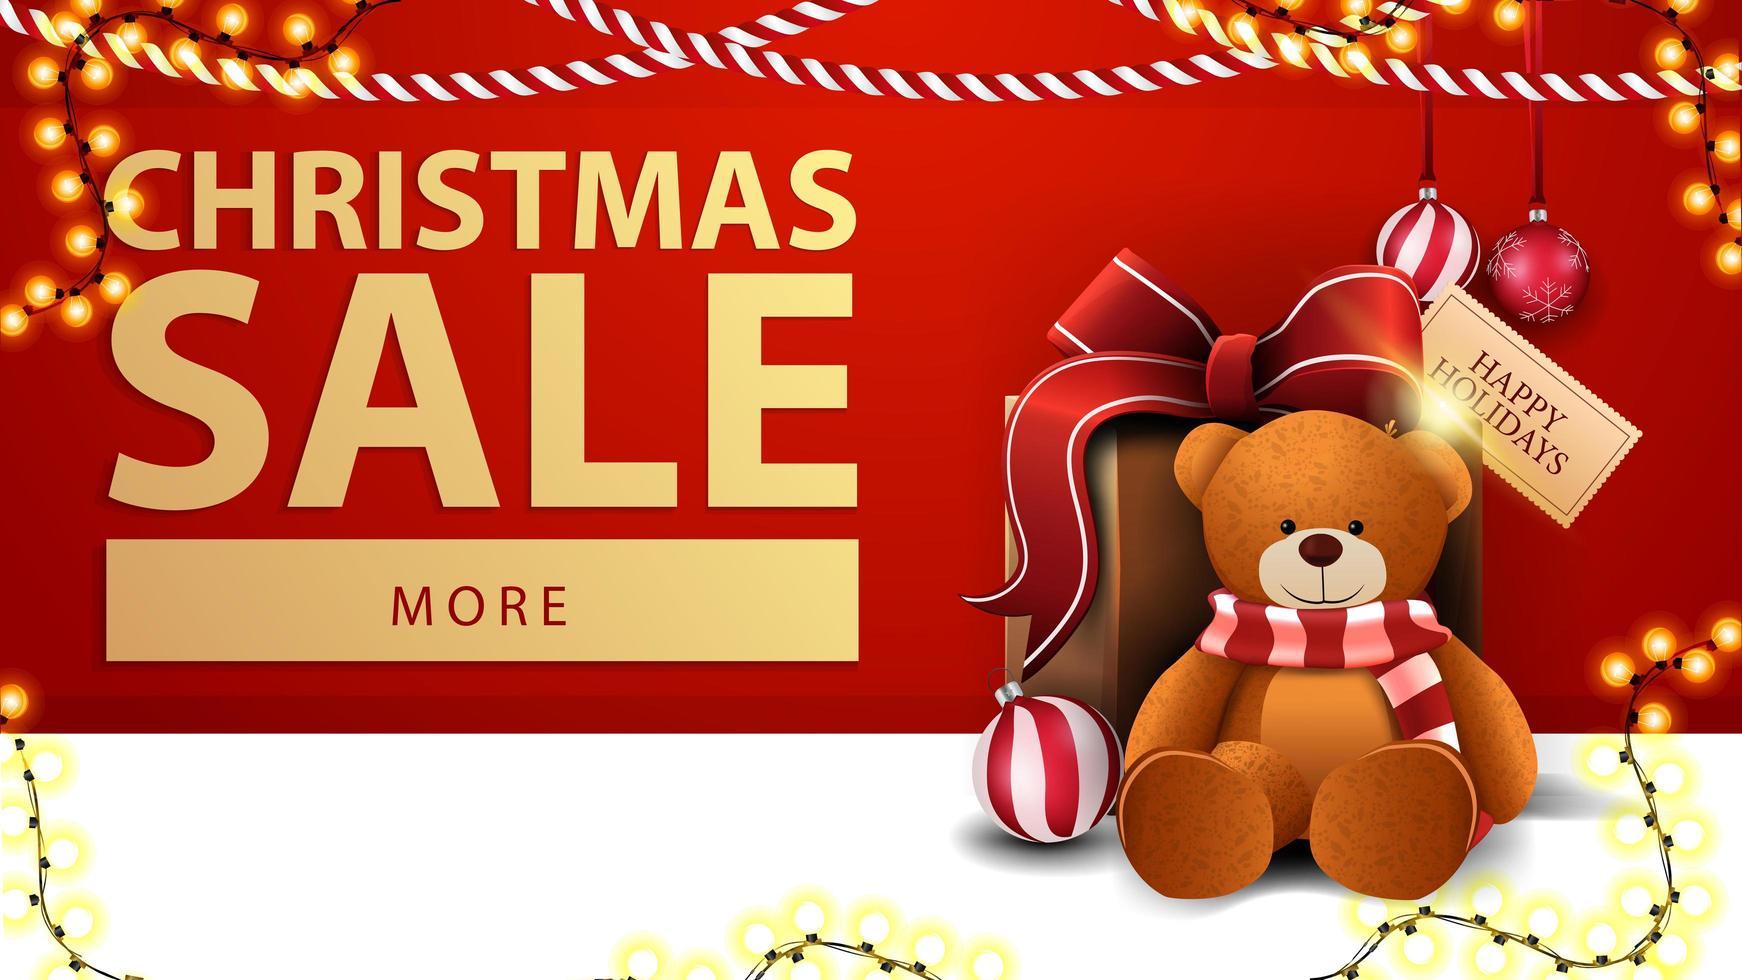 vente de noël, bannière de réduction rouge avec guirlandes, bouton et cadeau avec ours en peluche près du mur vecteur